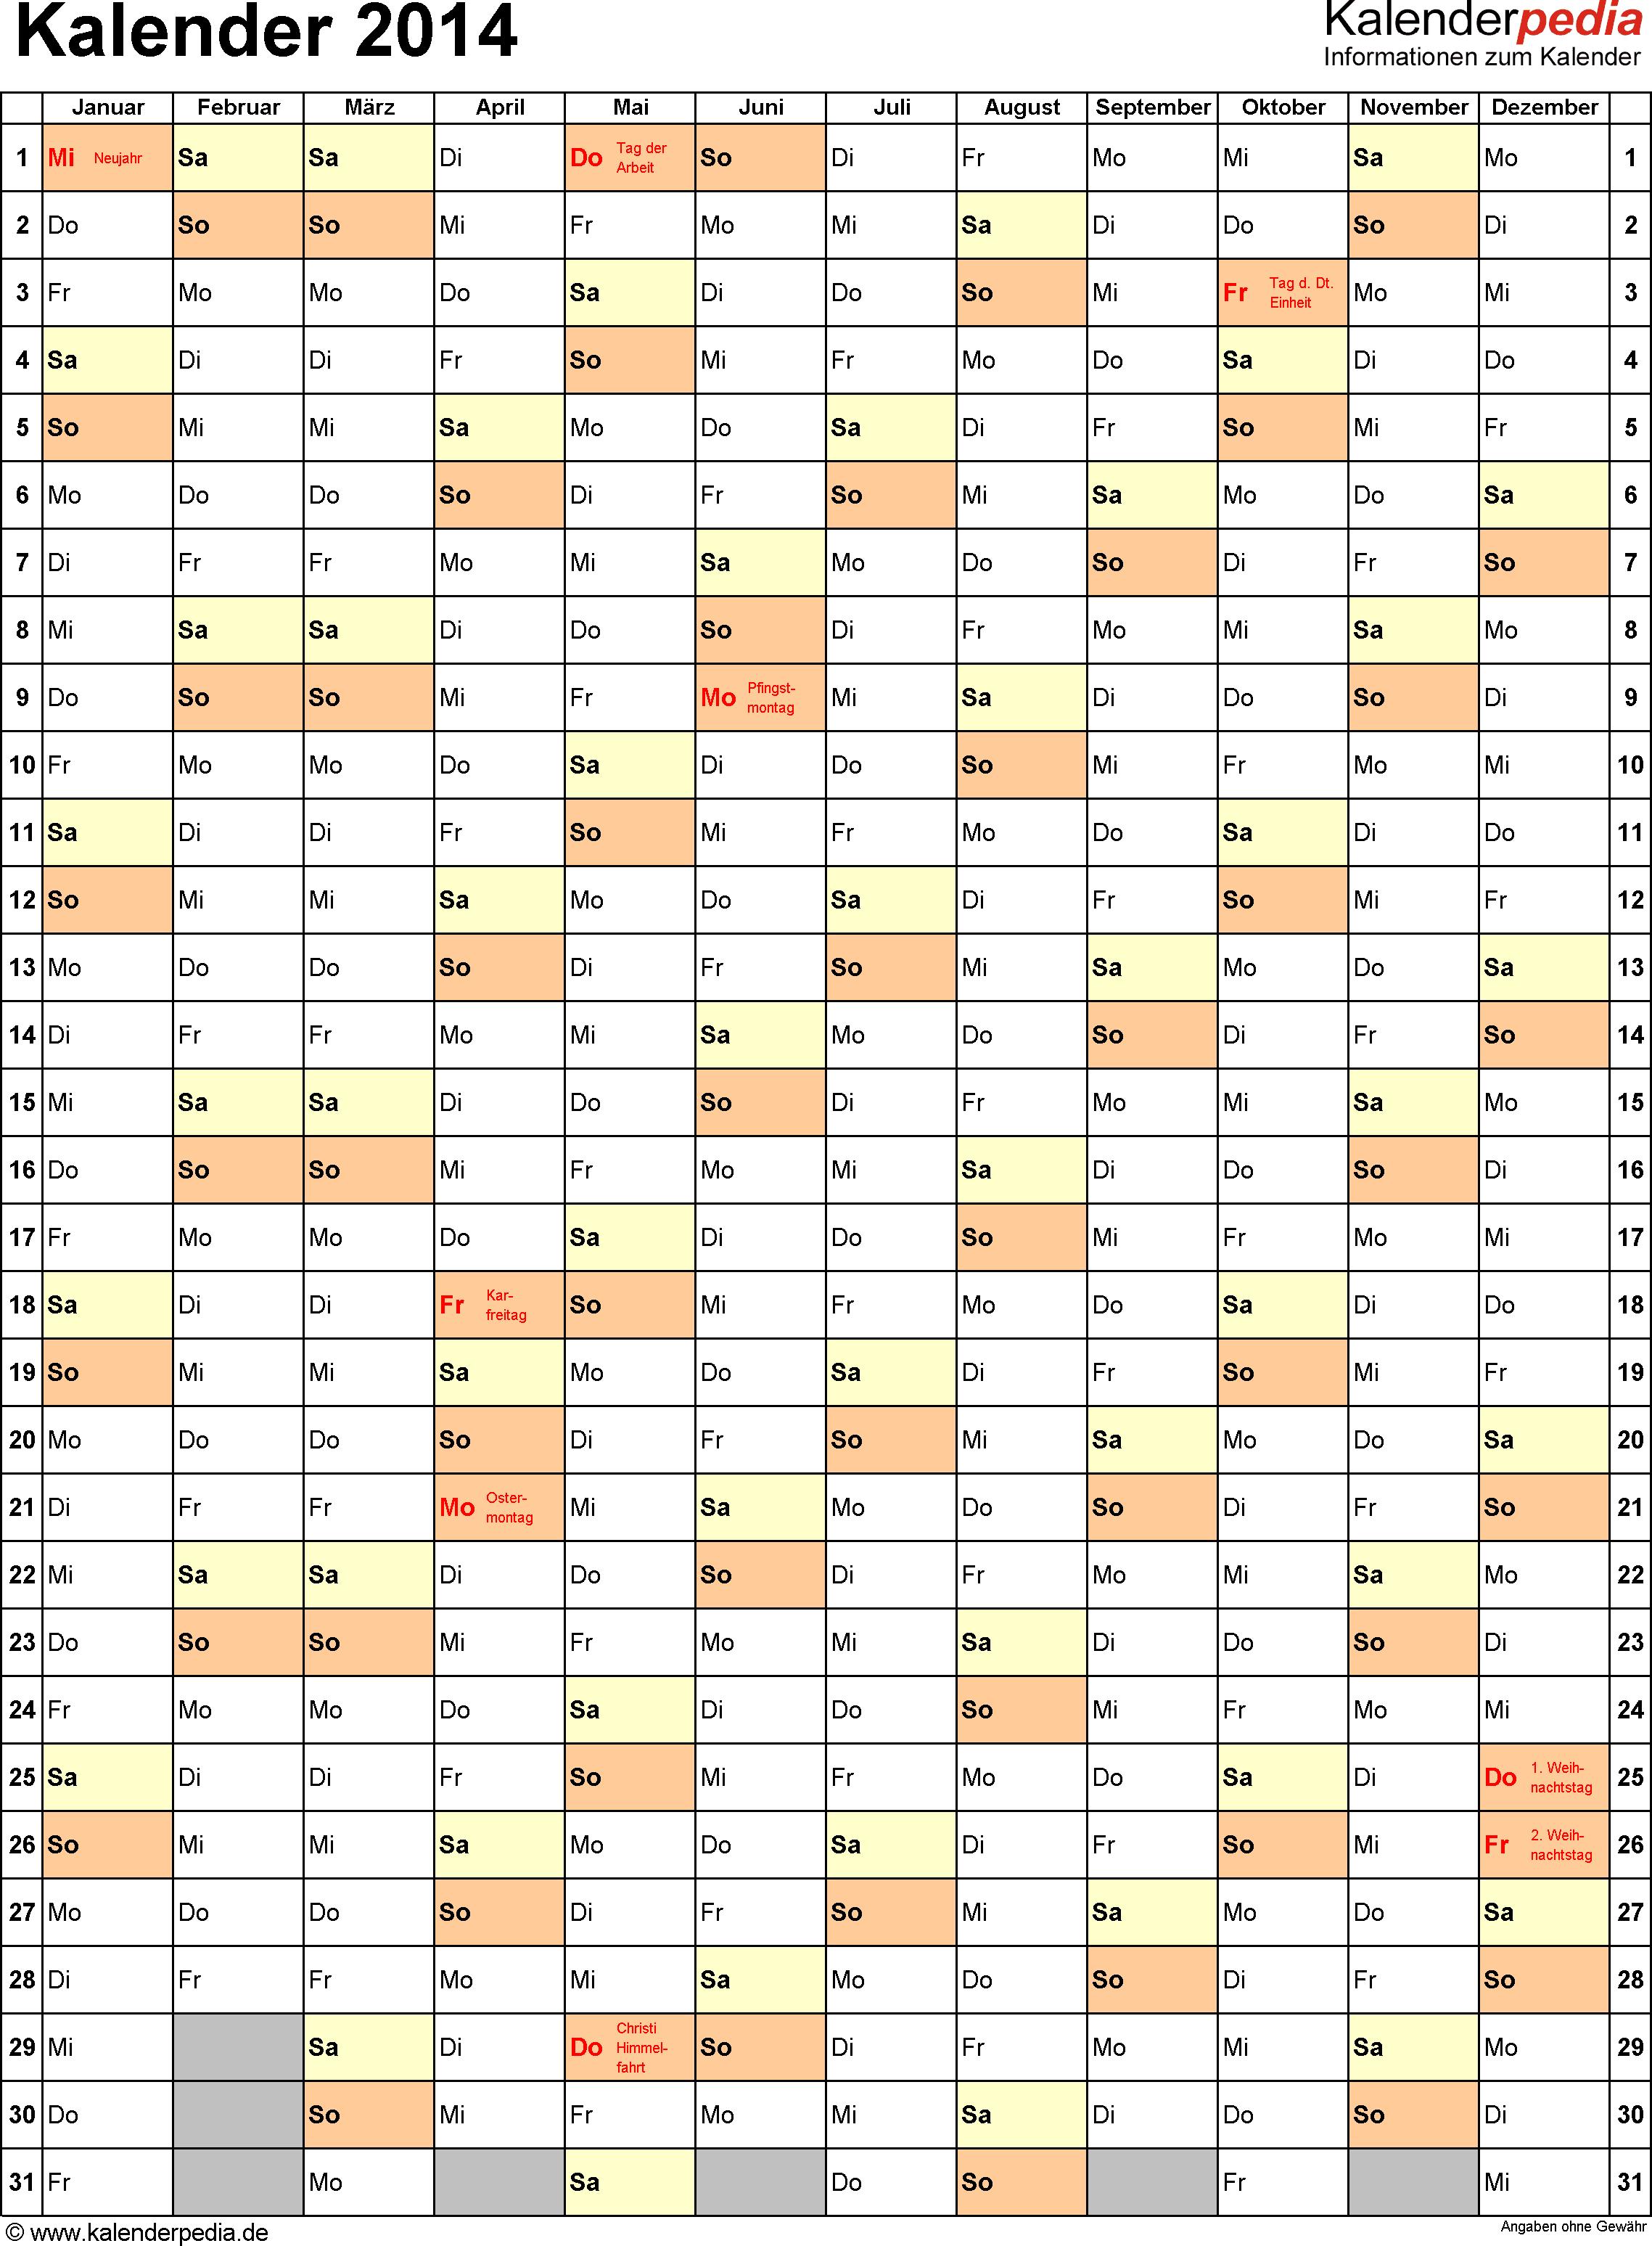 Vorlage 10: Kalender 2014 f�r Excel, Jahresansicht, Hochformat, 1 Seite